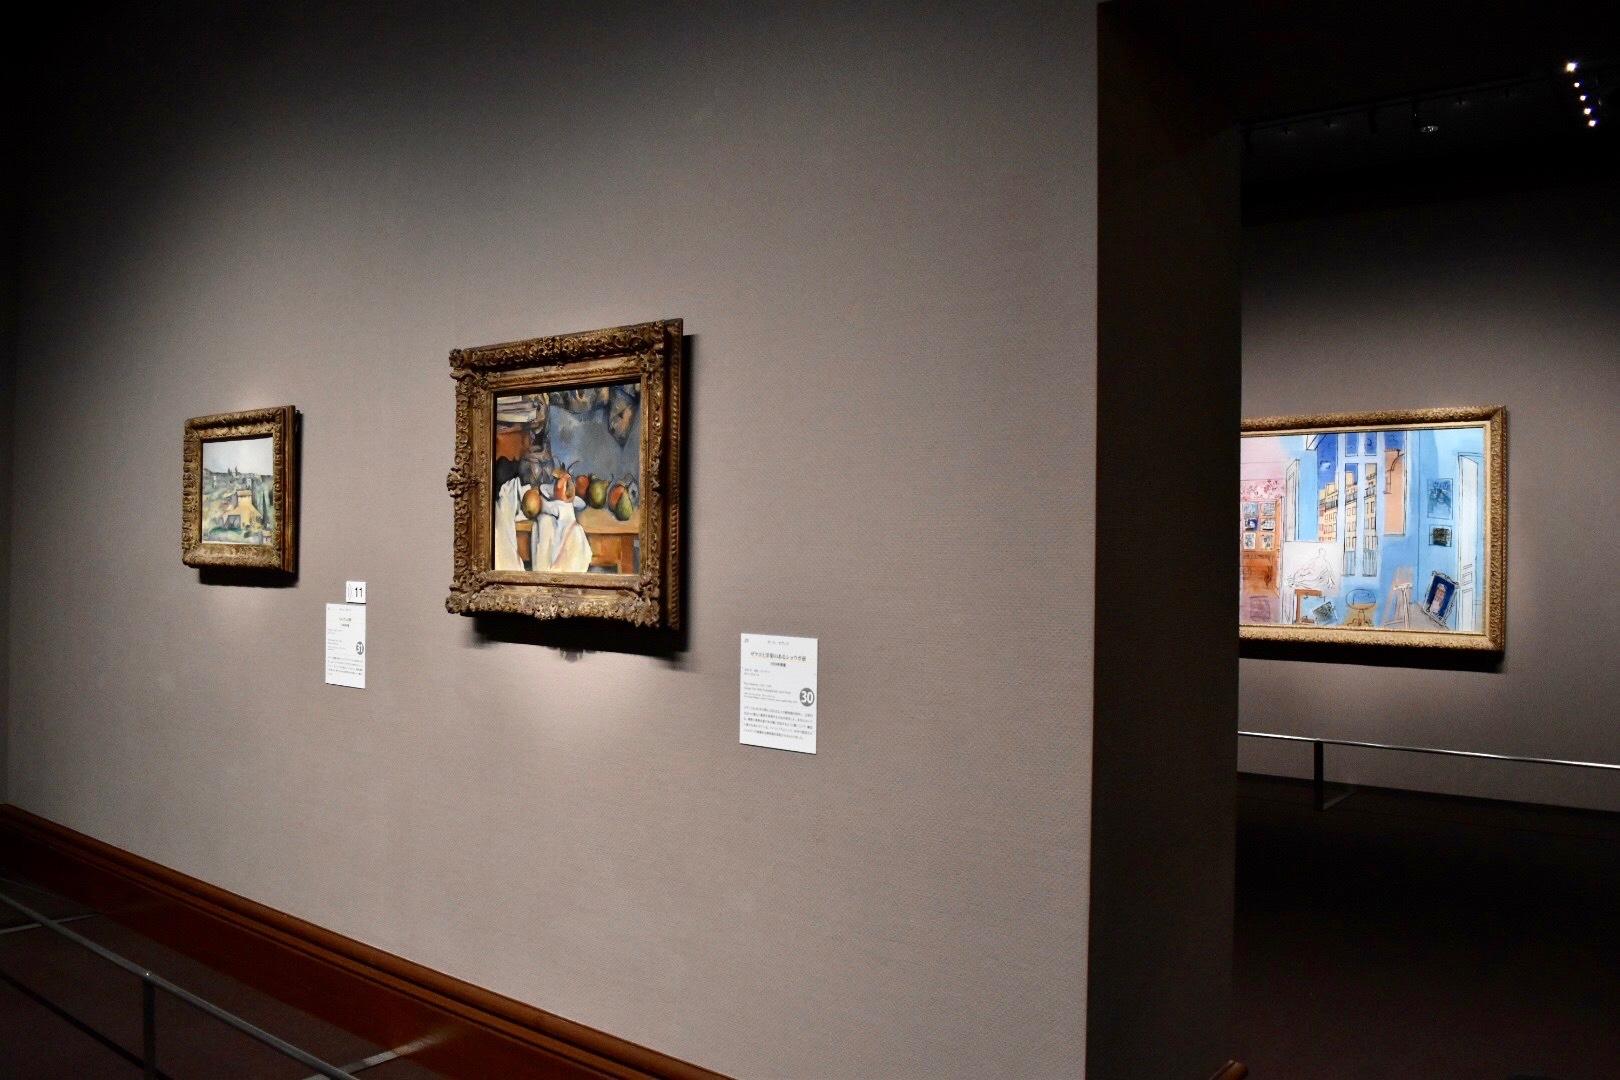 展示風景:手前右:ポール・セザンヌ 《ザクロと洋梨のあるショウガ壺》 1893年 手前左:ポール・セザンヌ 《ベルヴュの野》 1892-95年 奥:ラウル・デュフィ 《画家のアトリエ》 1935年